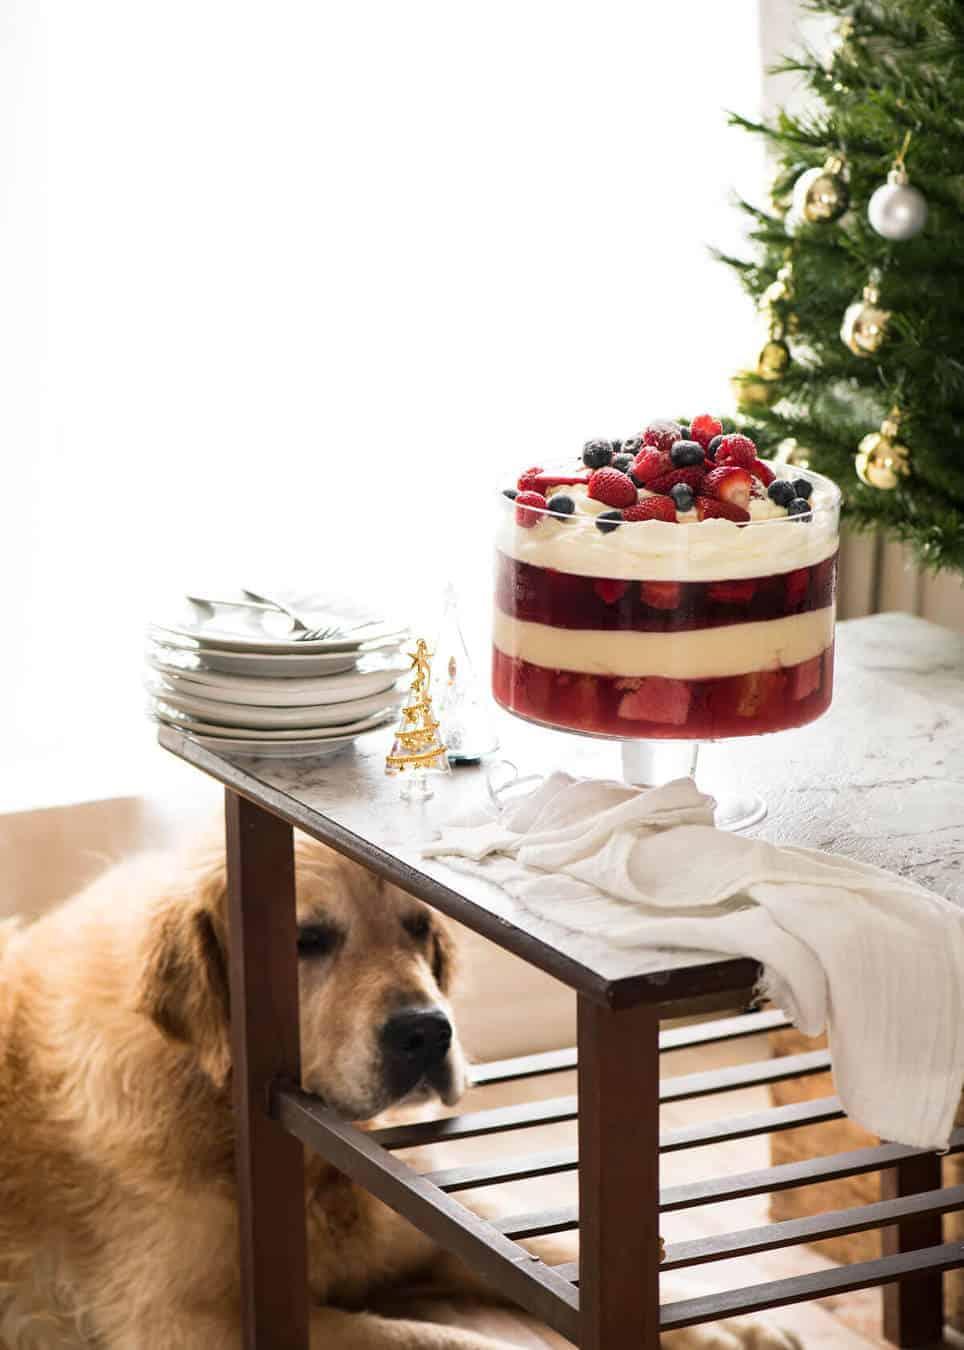 Dozer Christmas Trifle